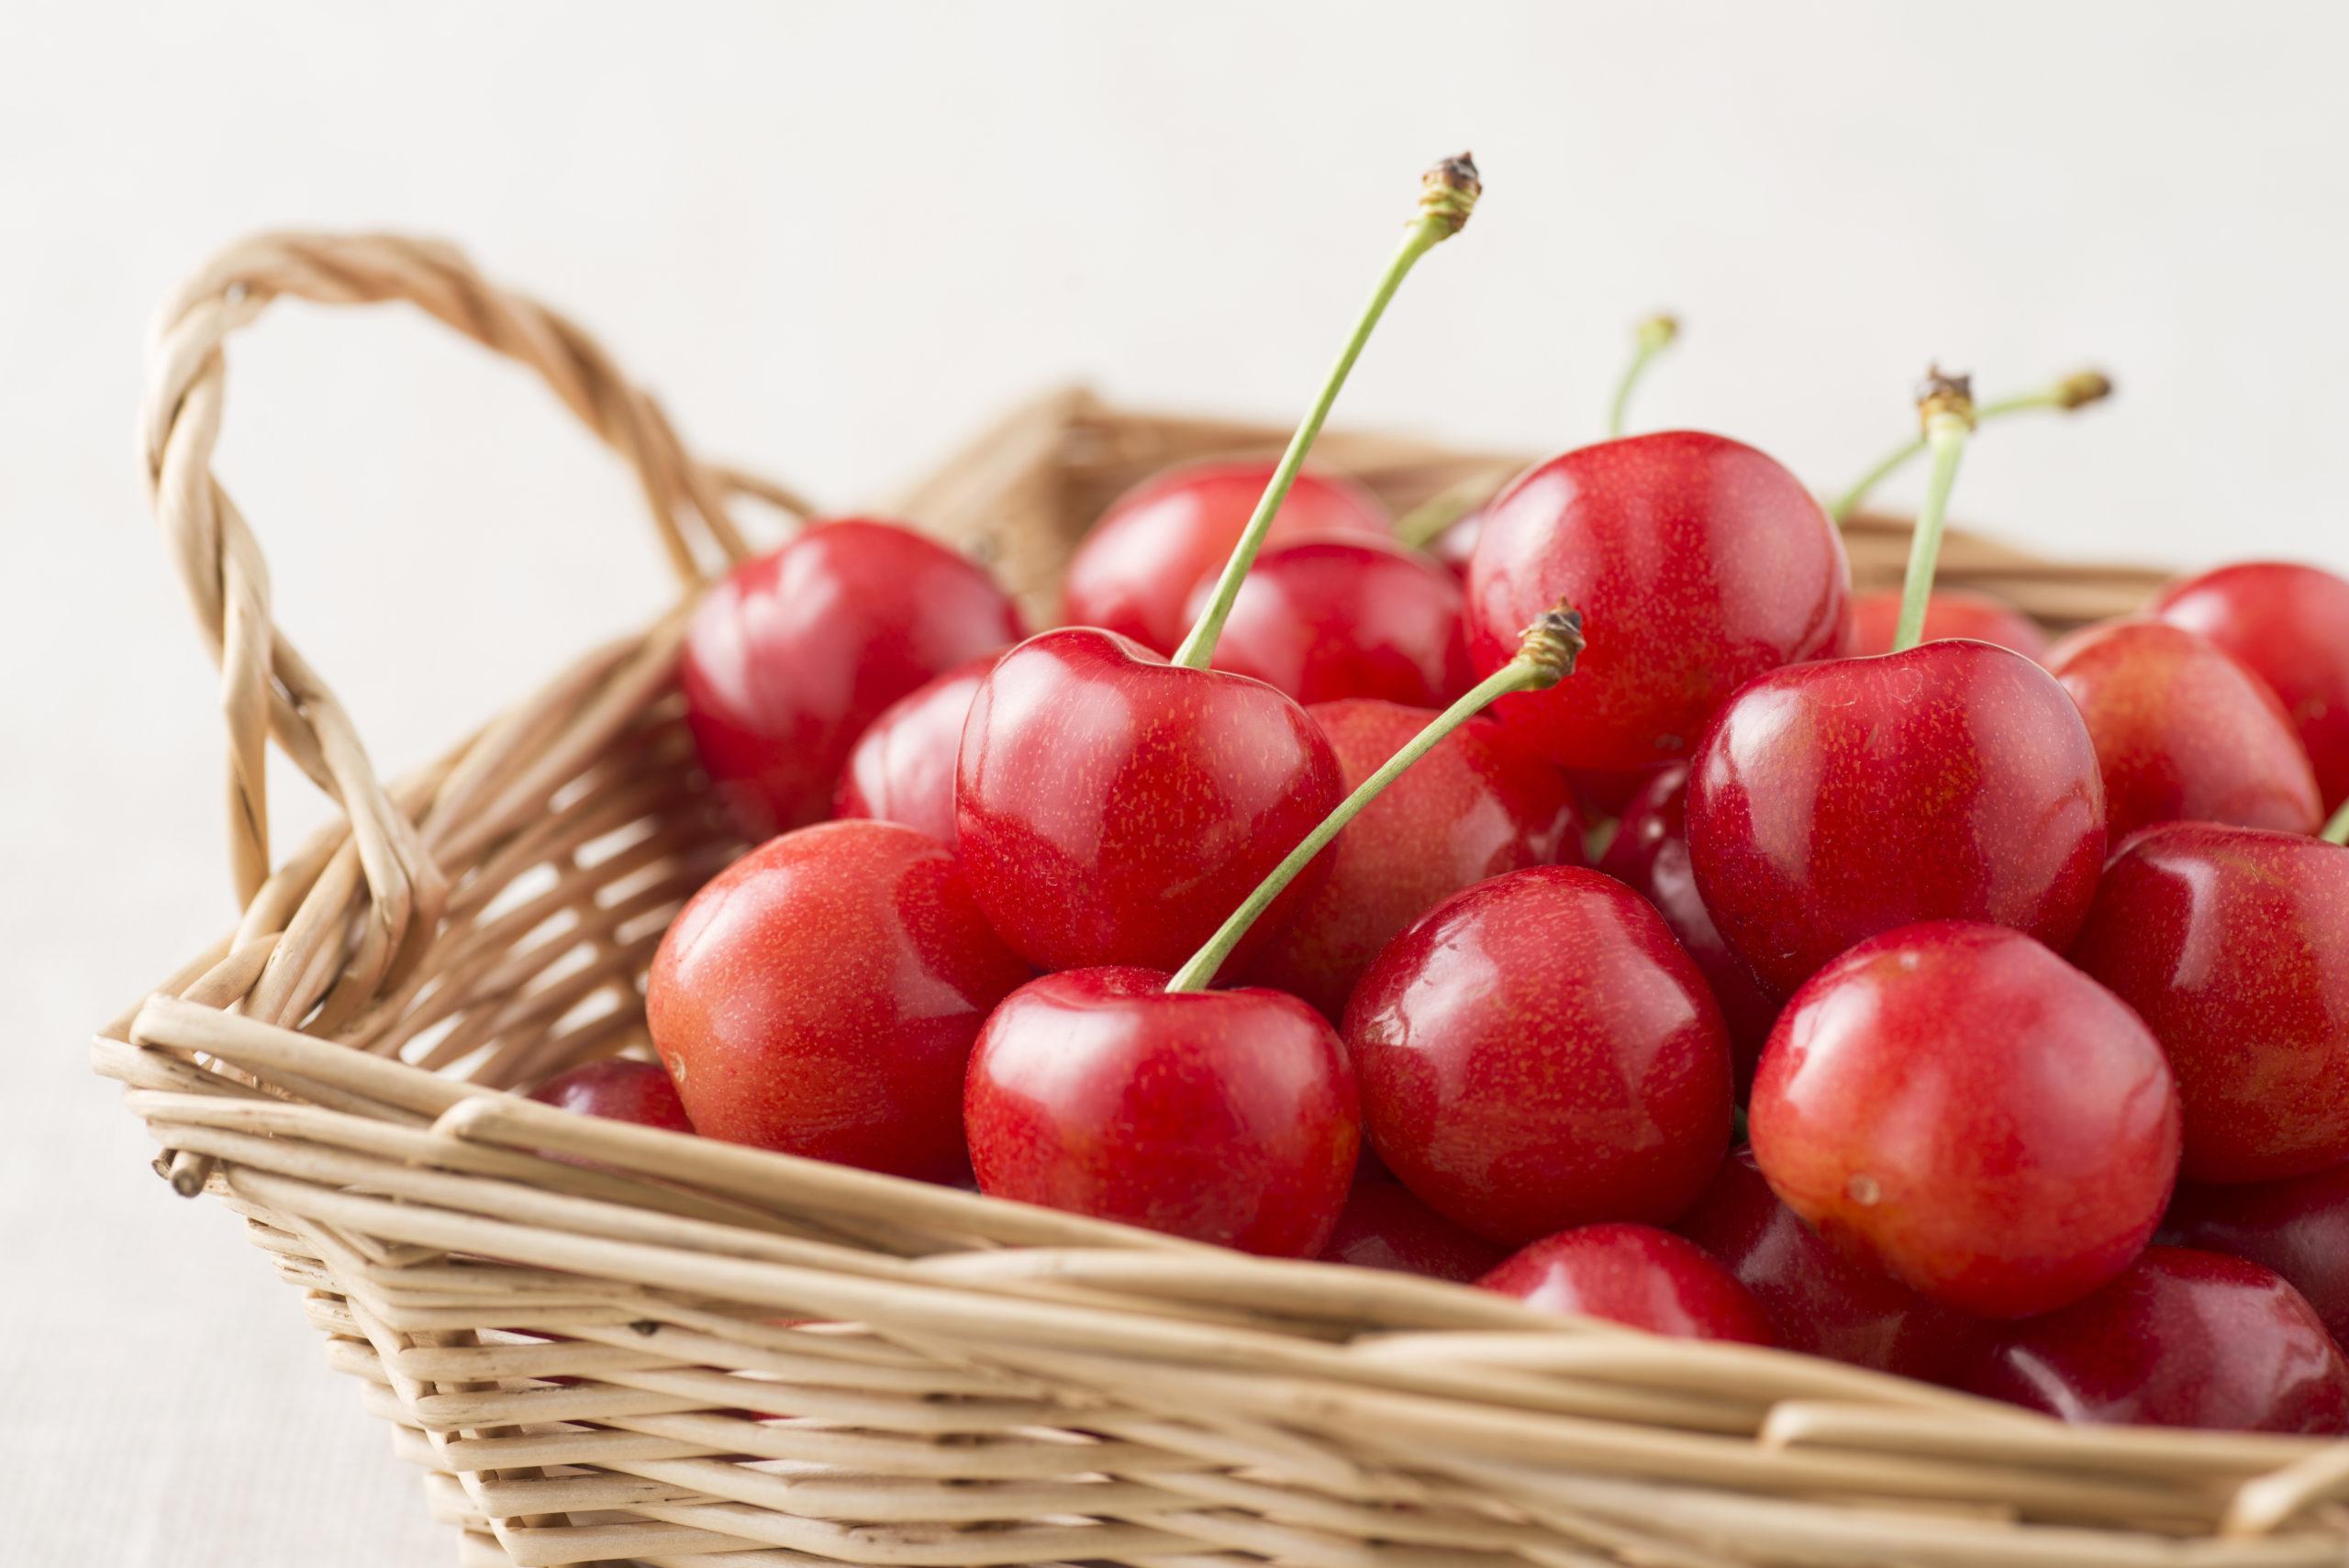 一度食べたら忘れられない味!紅秀峰の魅力と特徴について